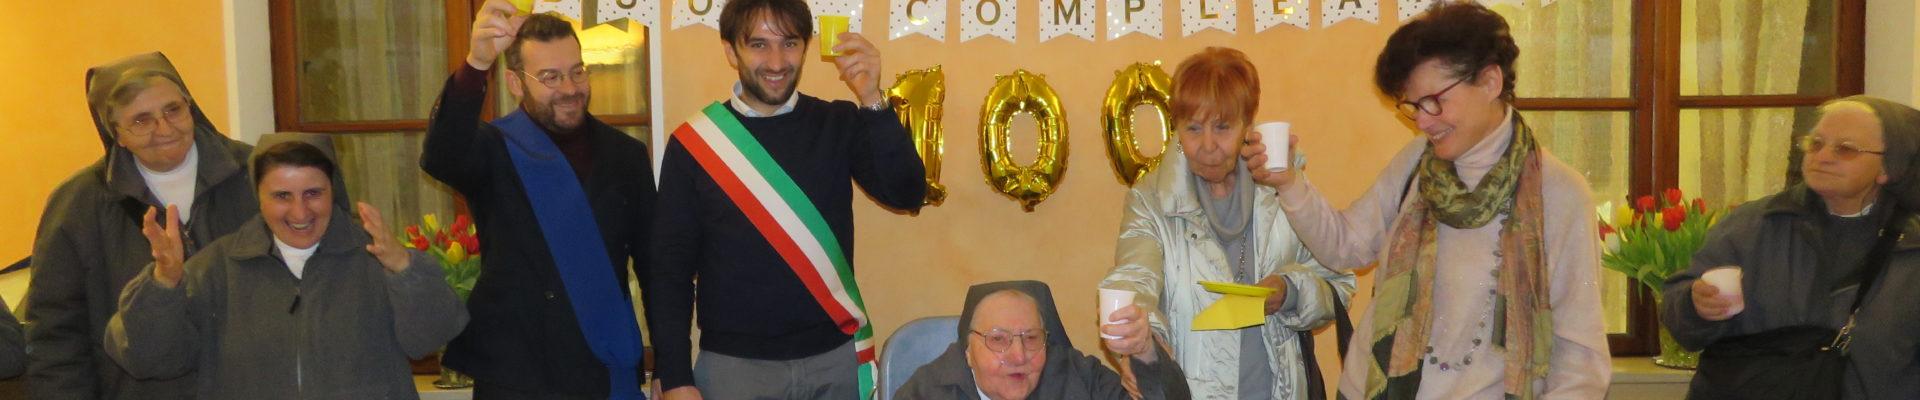 100 ANNI PER SR AMALIA SAVIO